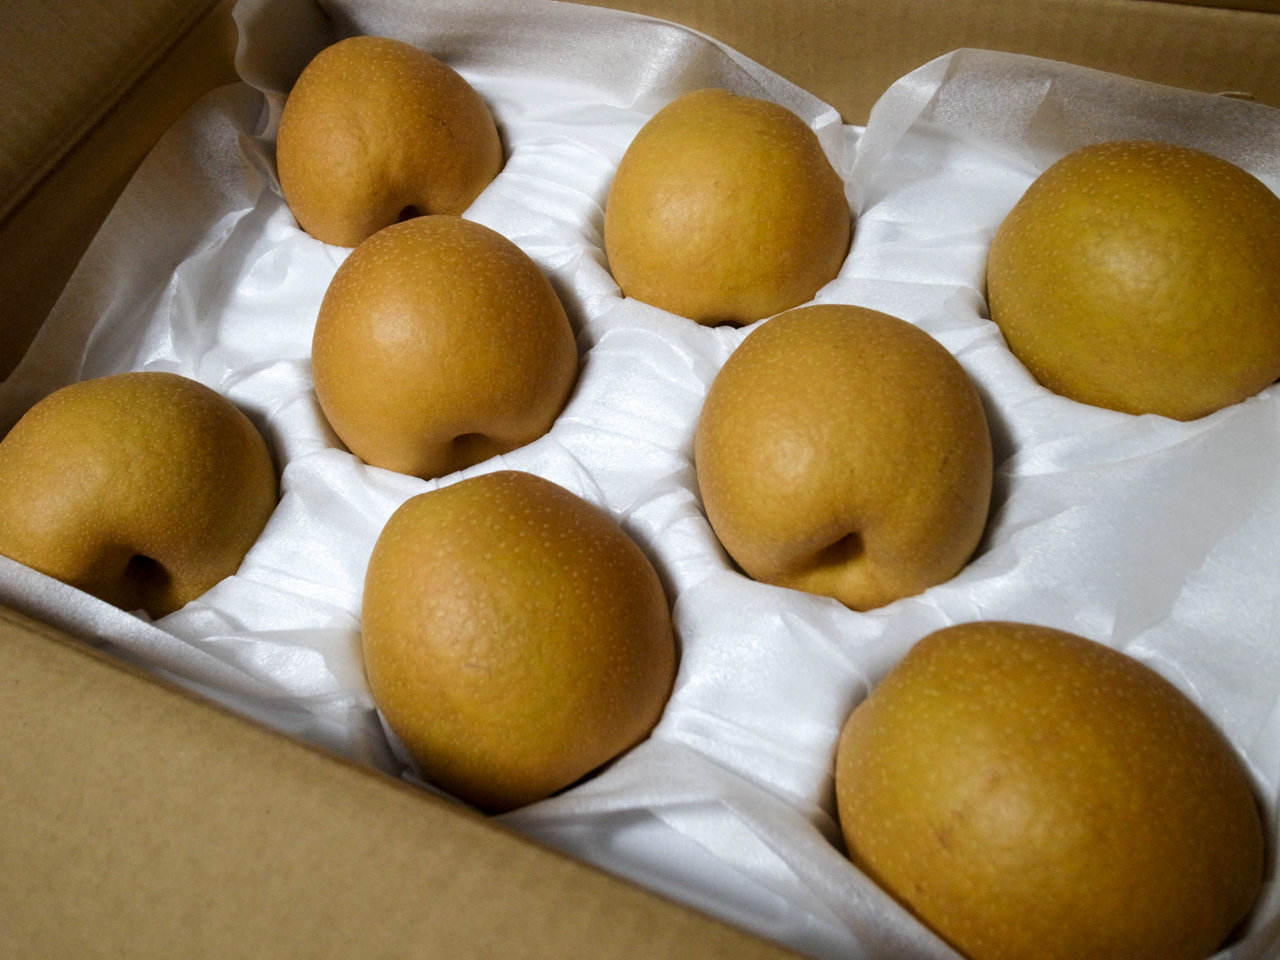 ふるさと納税で米子市からきた梨「王秋」が最高だった